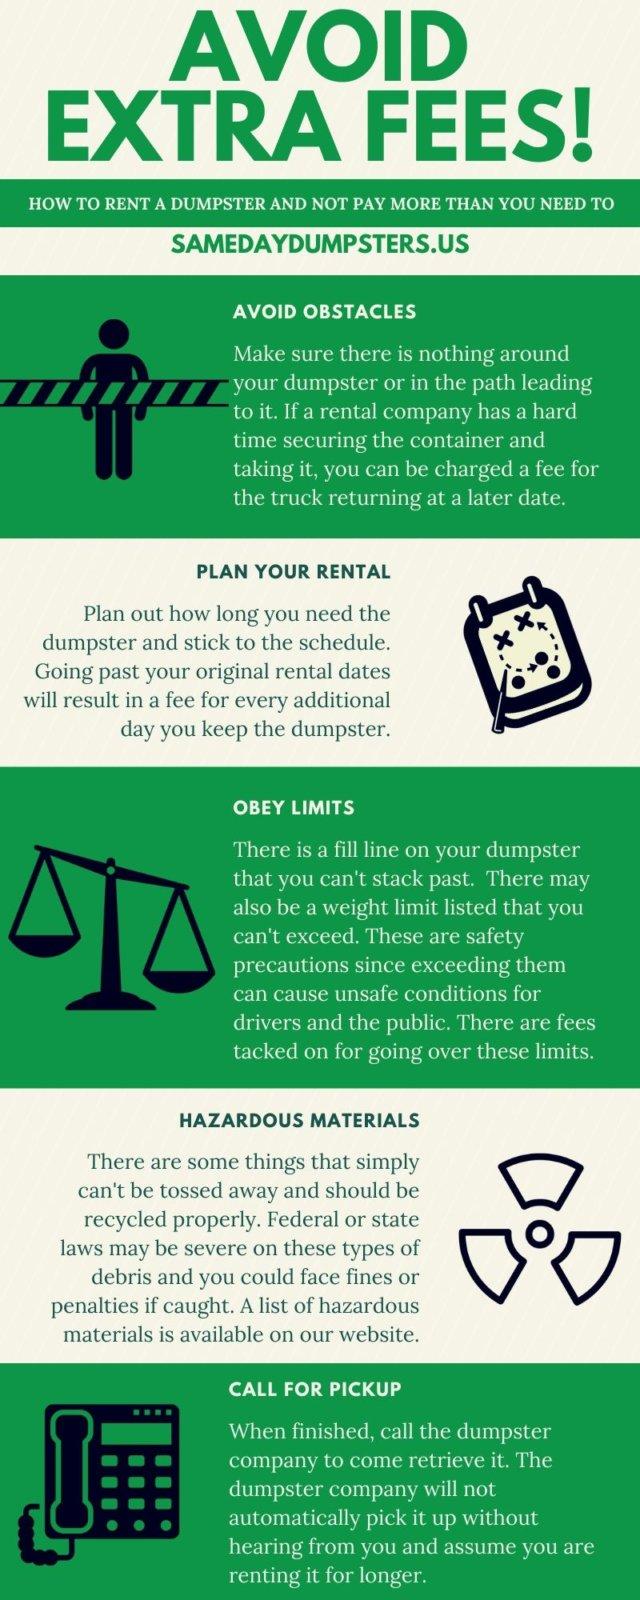 Avoid Extra Fees!